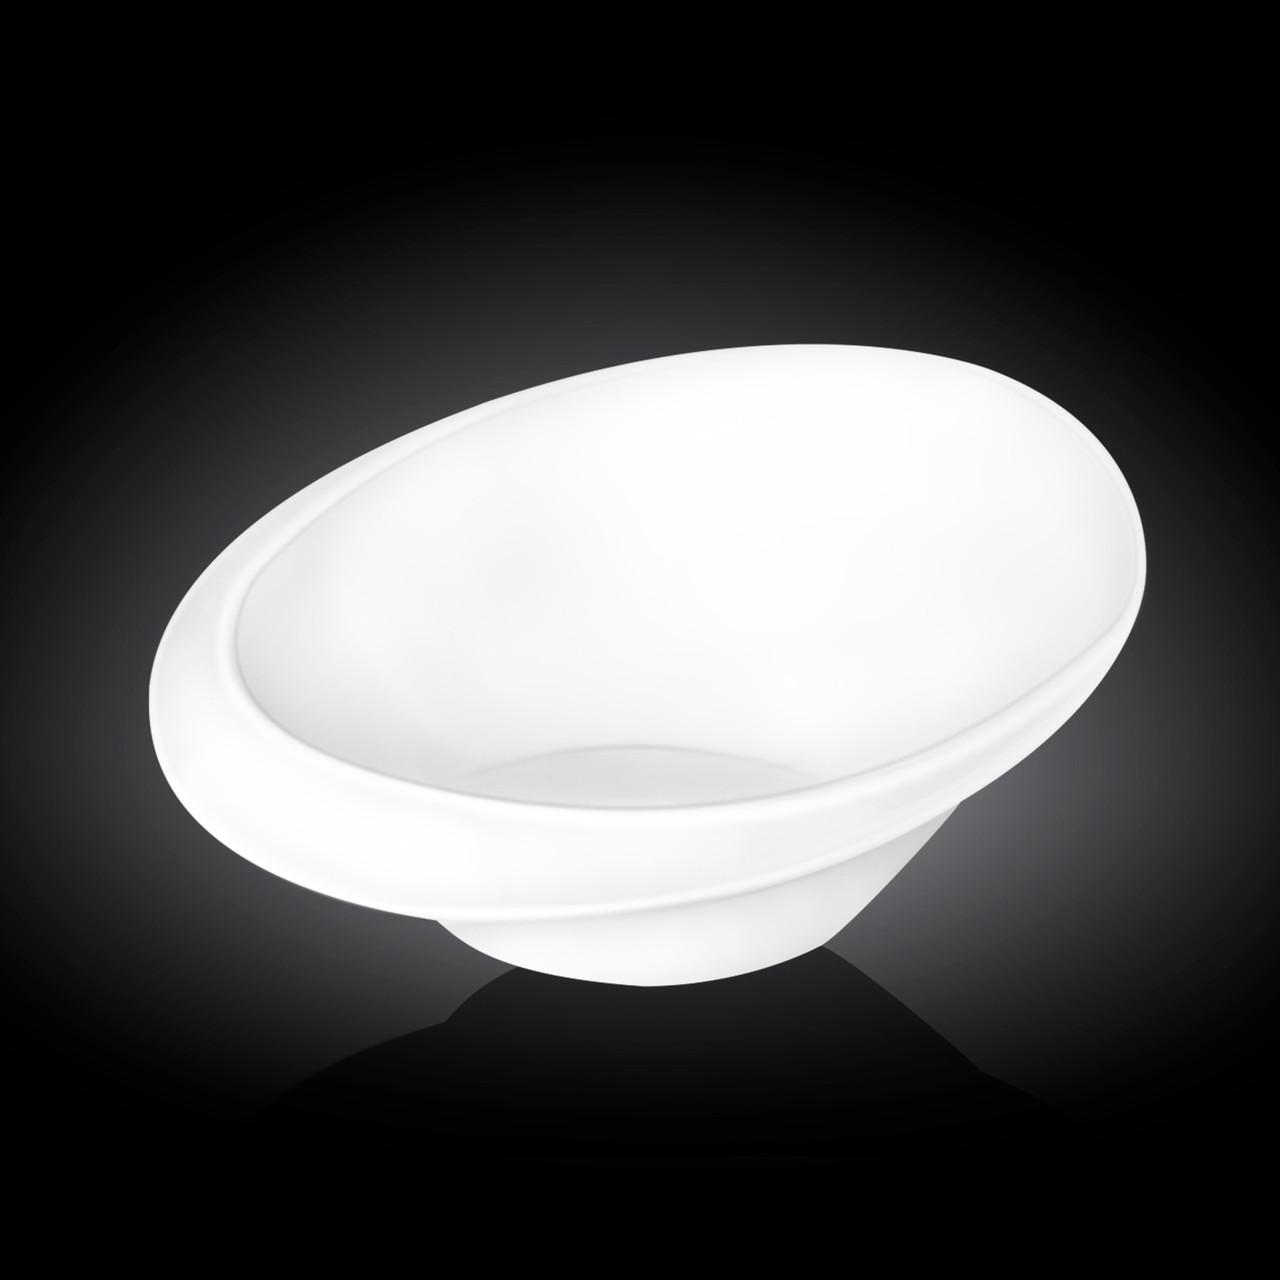 Белый фарфоровый салатник Wilmax 25см 970мл